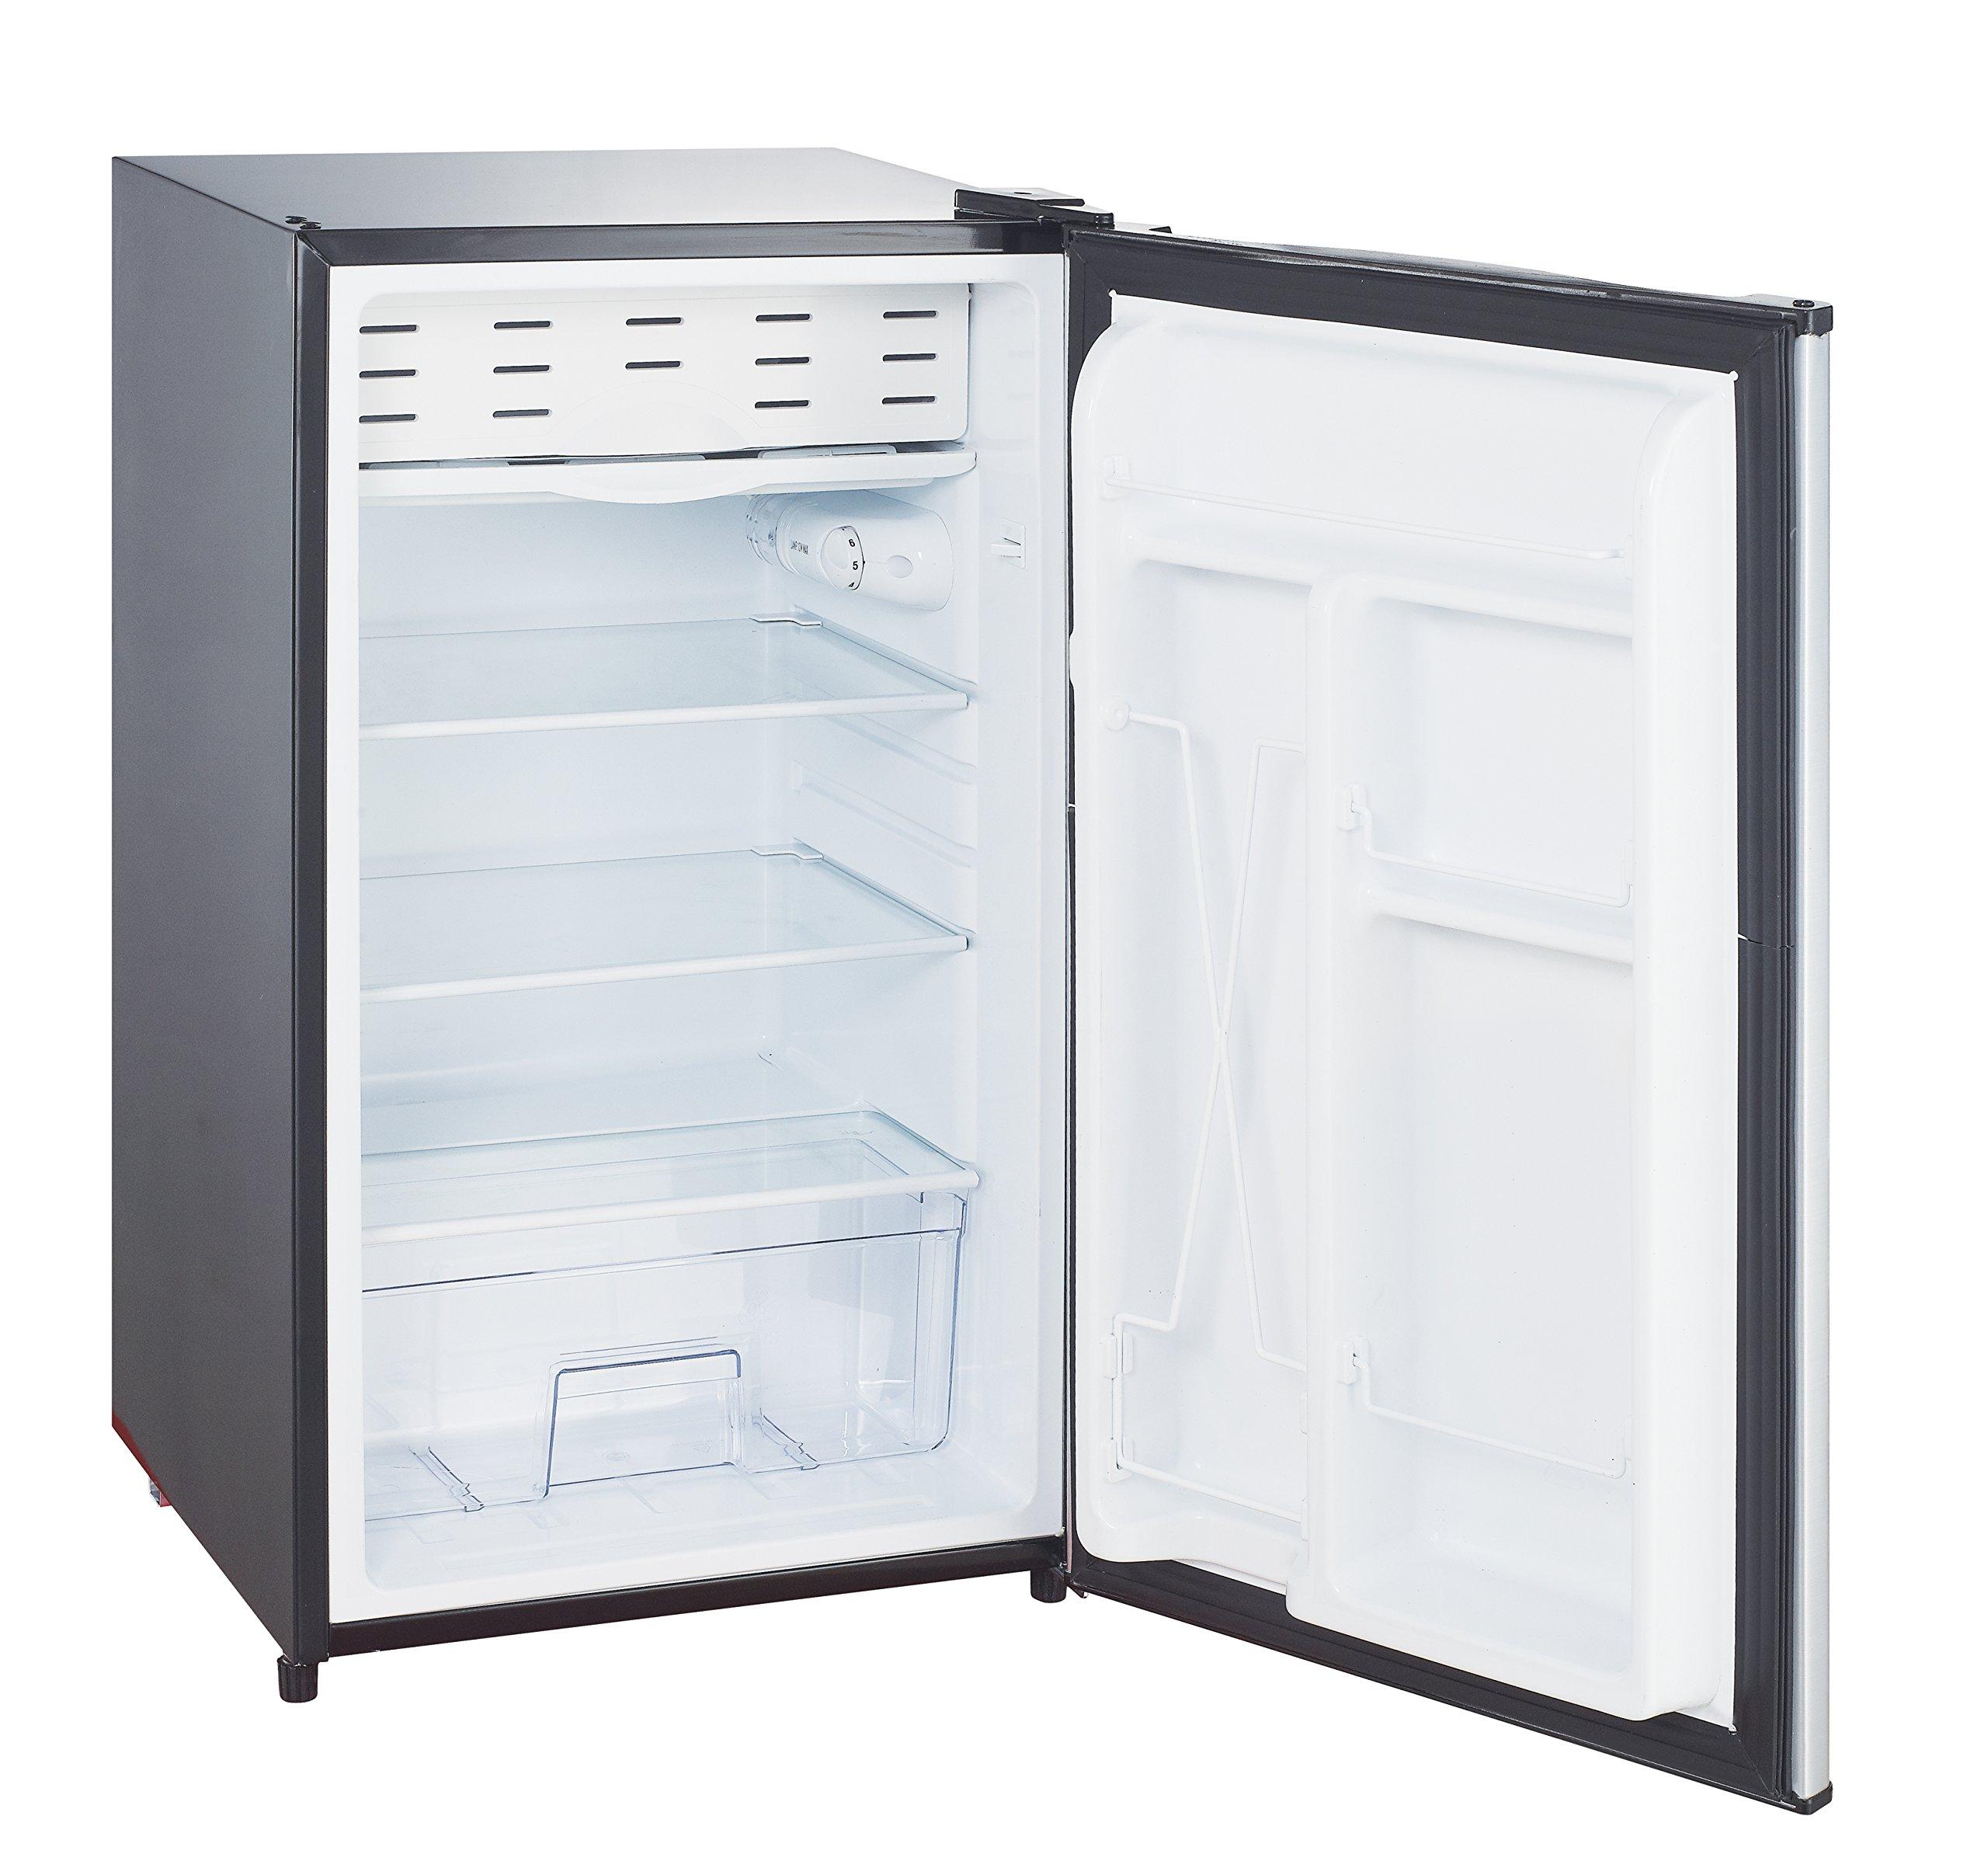 Impecca Compact Refrigerator and Freezer, Single Door Reversible Door Classic Refrigerator 3.3 Cubic Feet